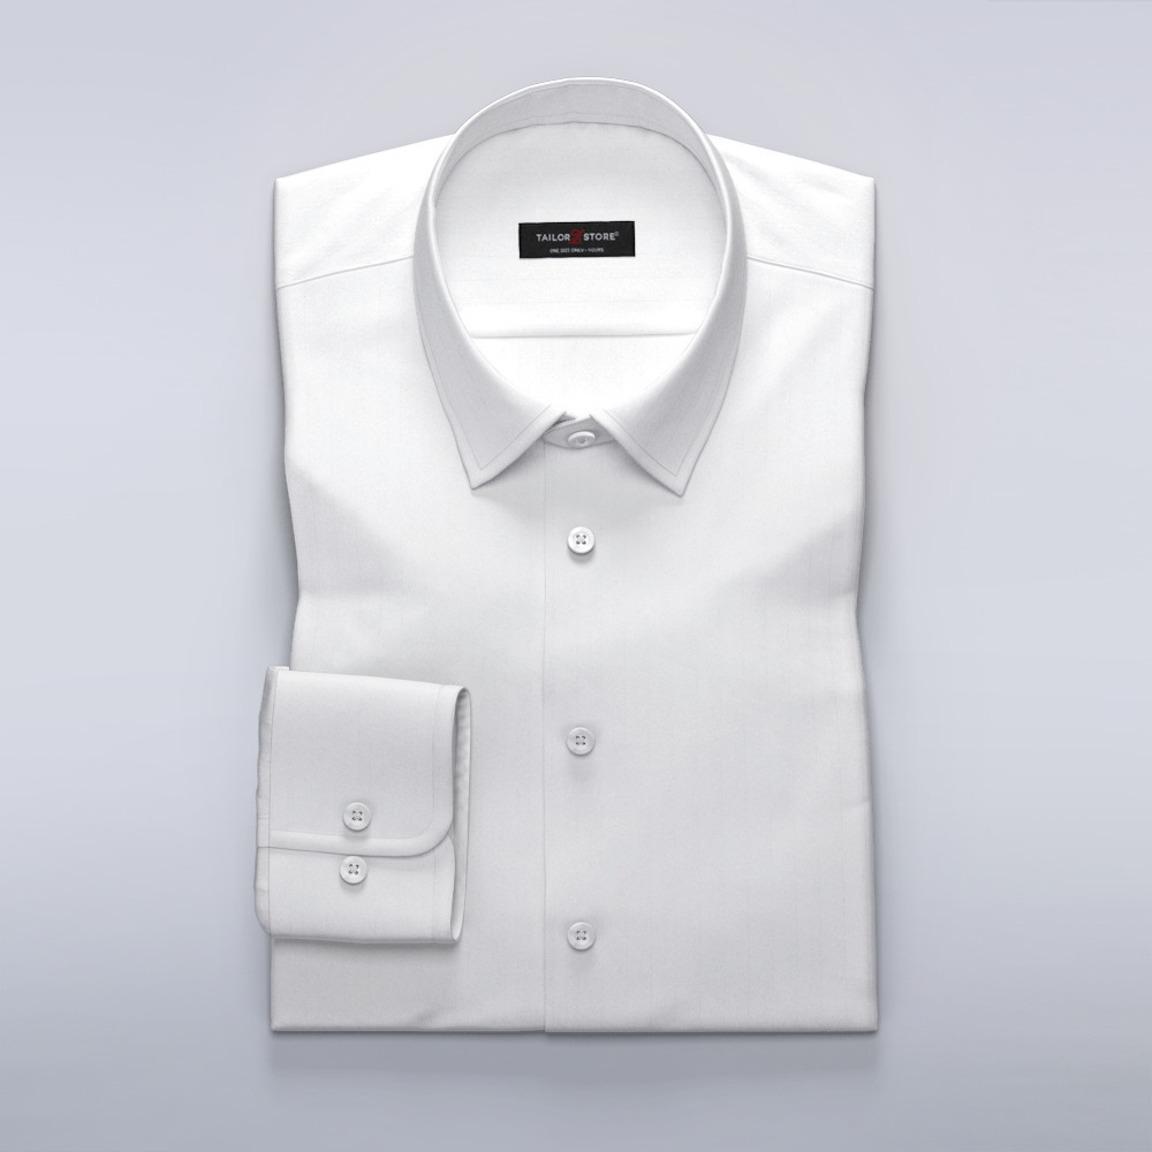 Koszula biznesowa z ekskluzywnego białego materiału w jodełkę